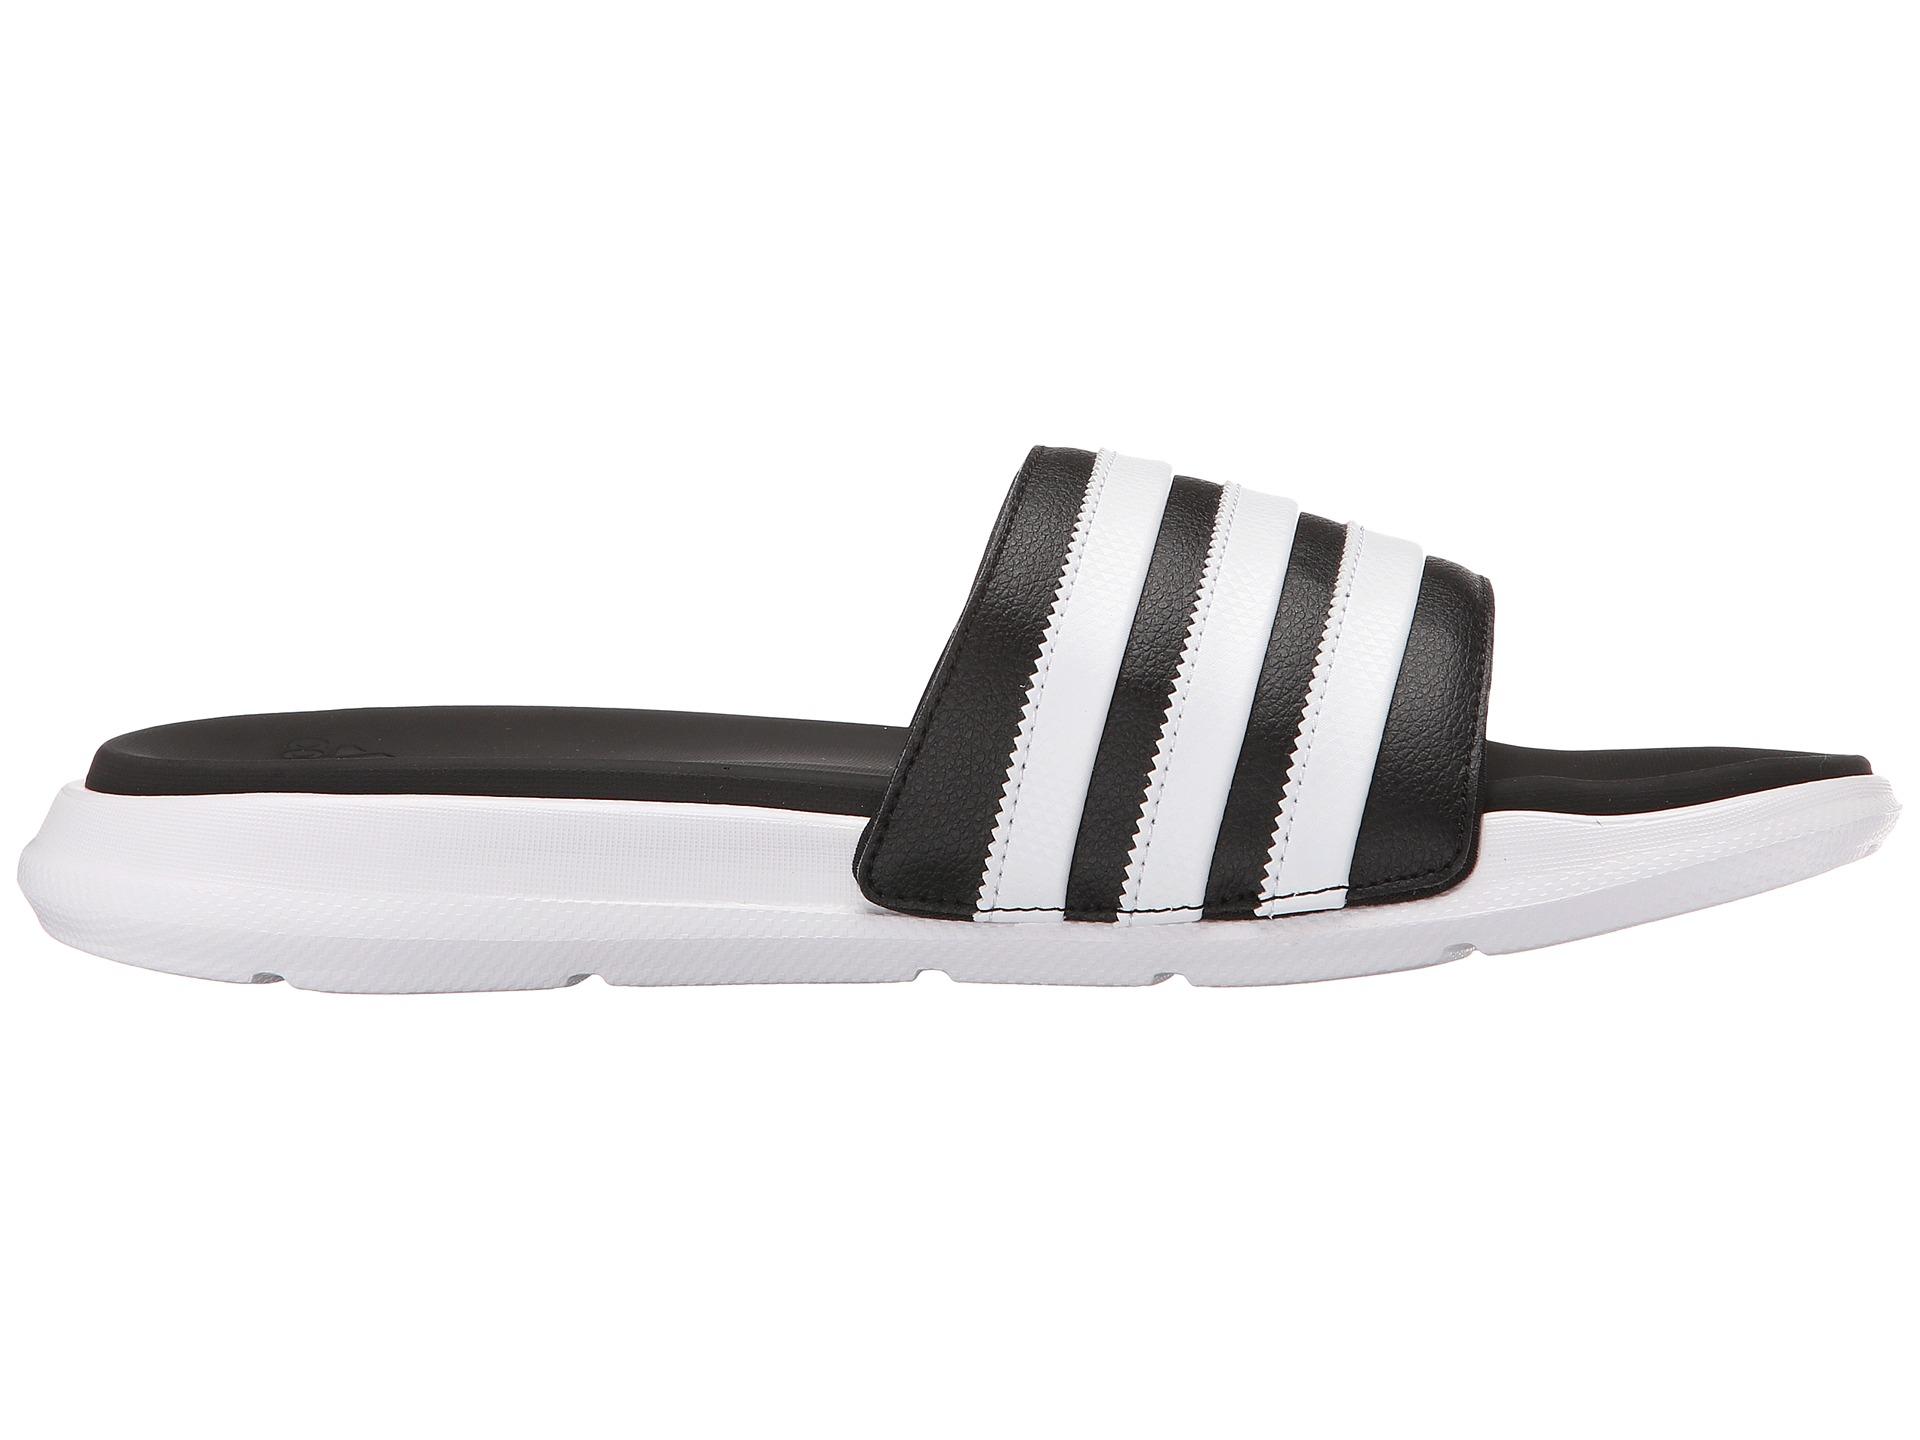 f5cbf8af3bb1e Lyst - adidas Originals Superstar 4g M in Black for Men